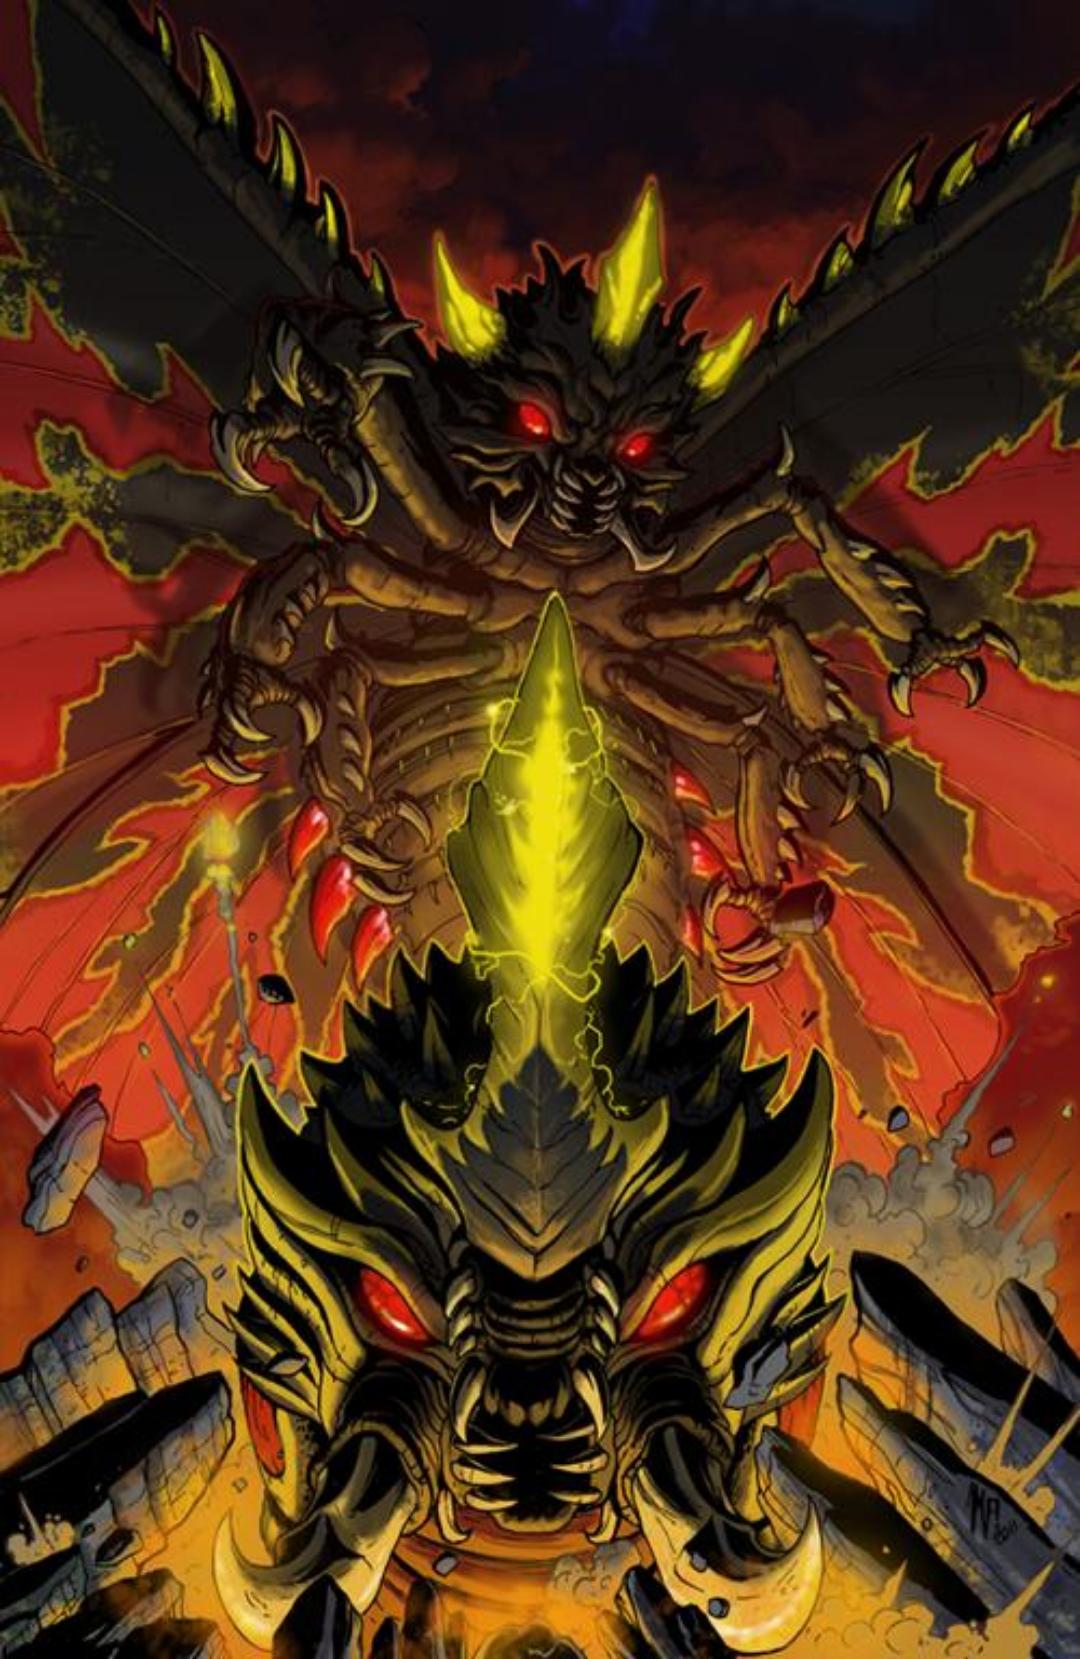 Der Kaiju der Woche ist Battra